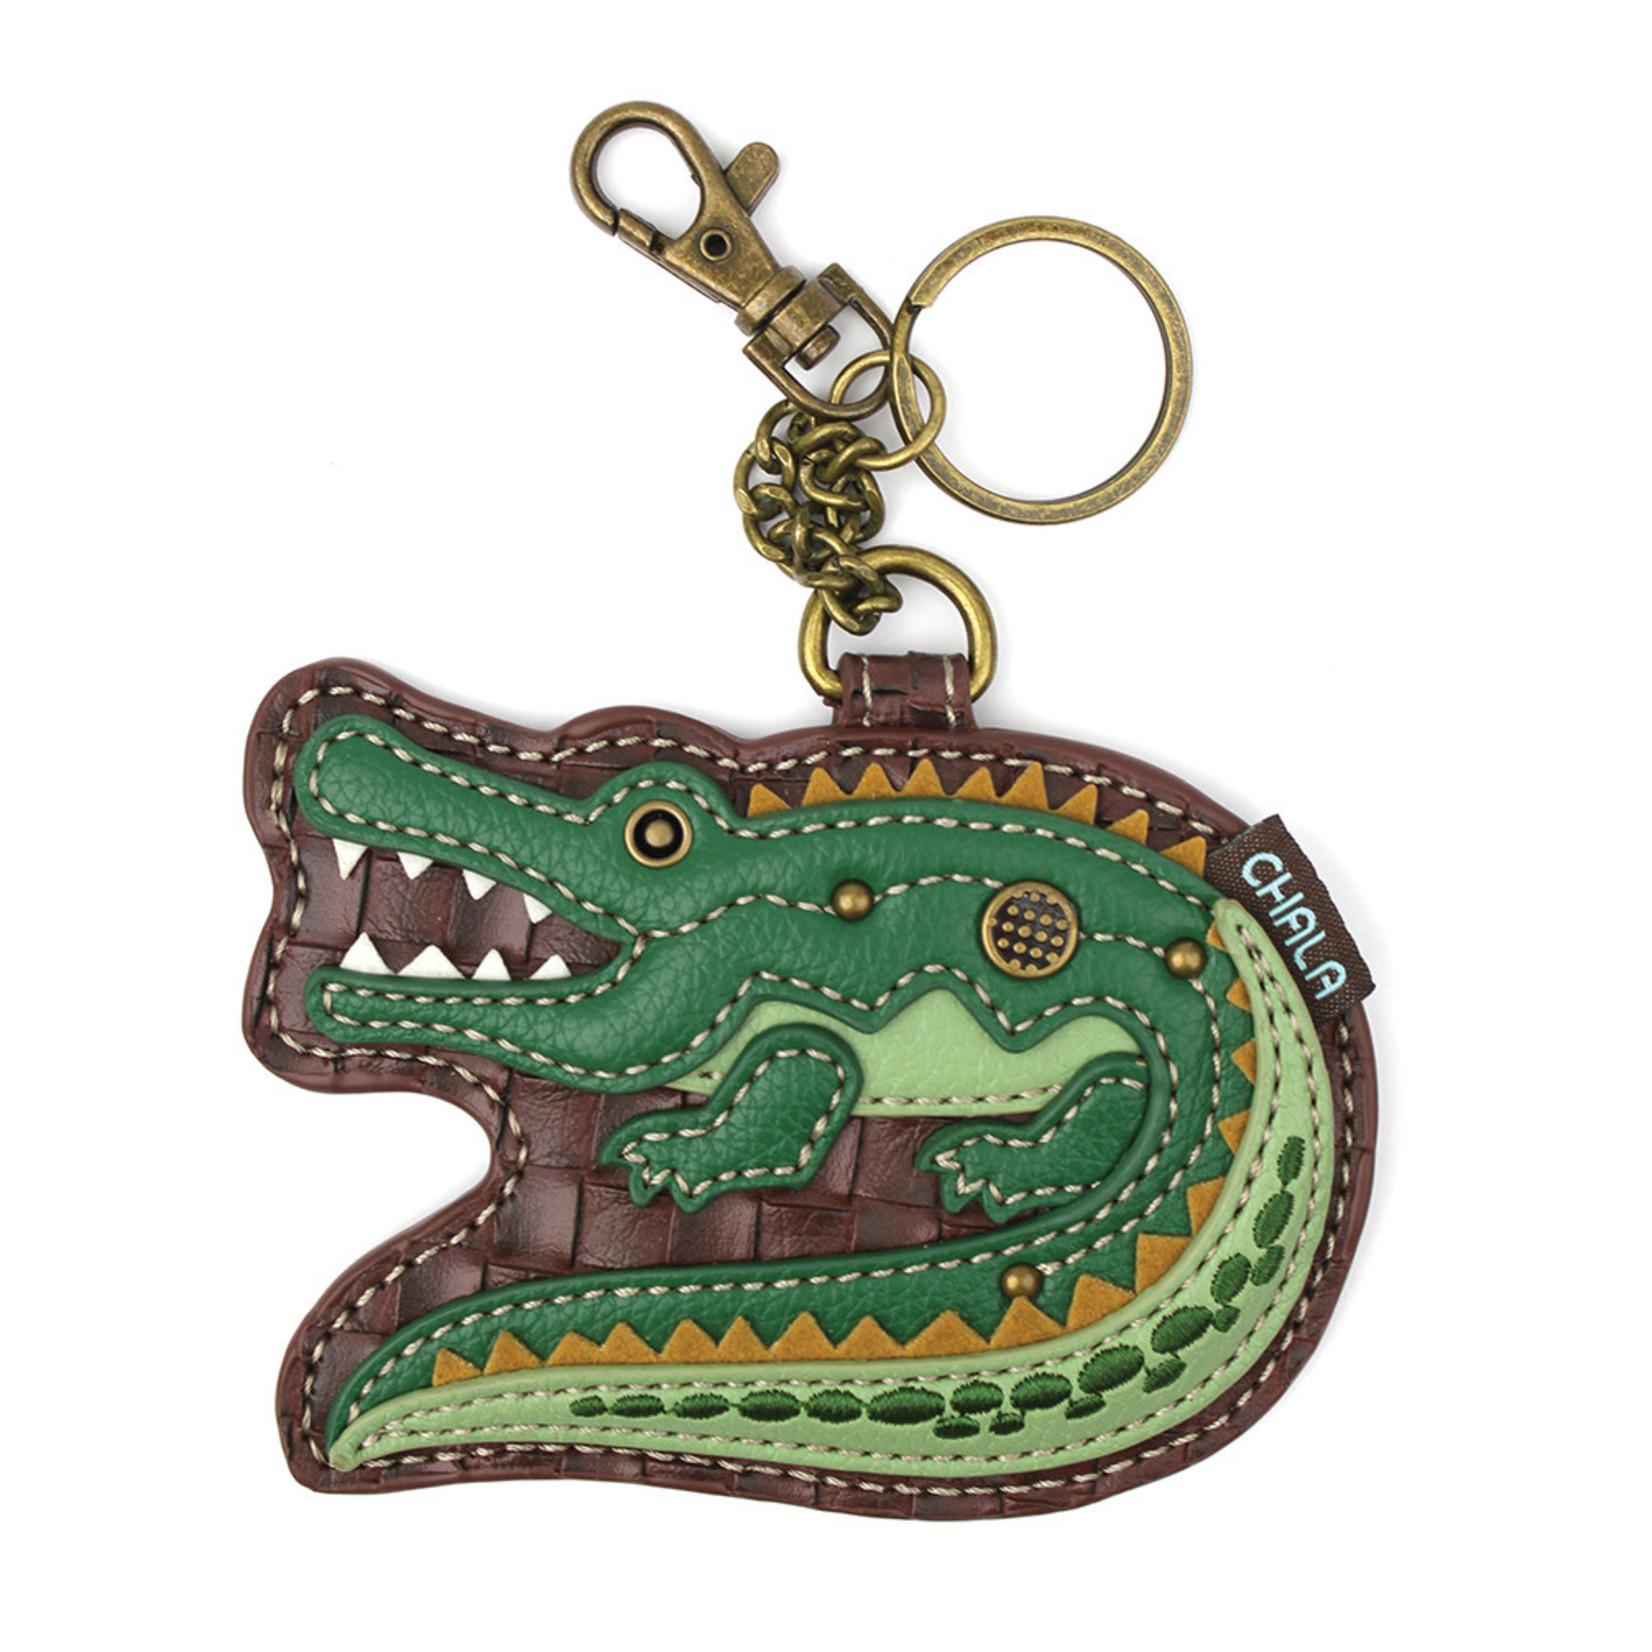 Chala Key Fob Alligator